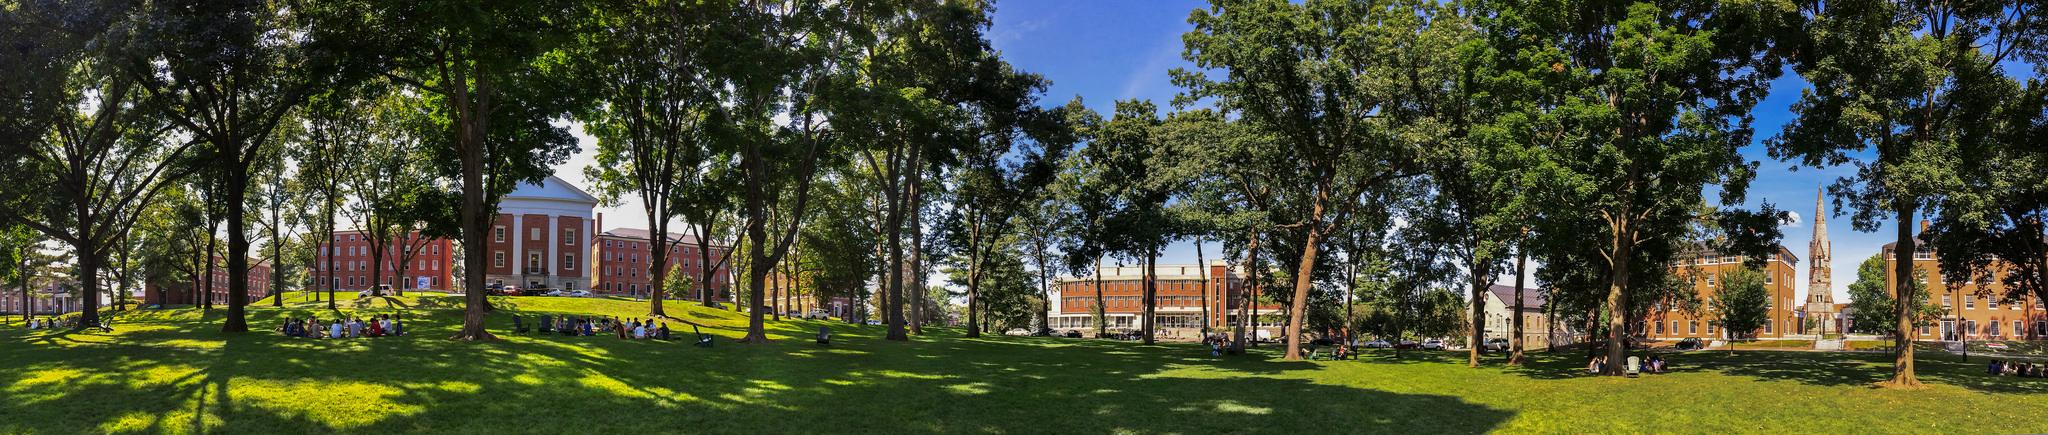 Amherst Quad Panorama